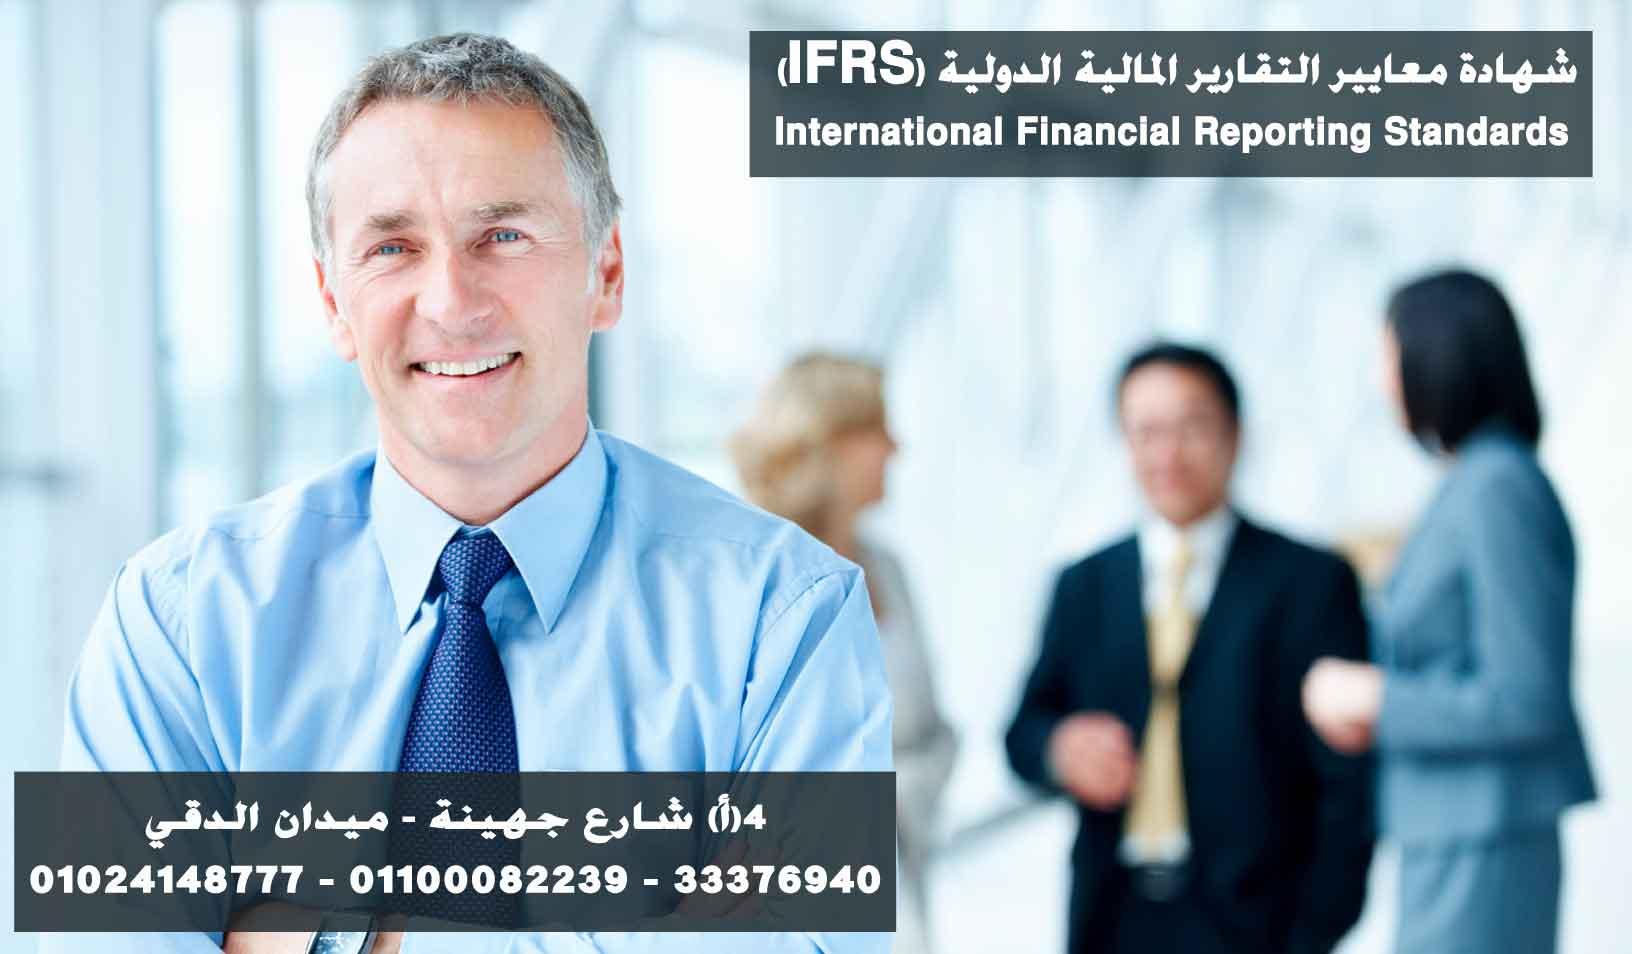 كورسات محاسبة |تدريب محاسبين | IFRS 497018291